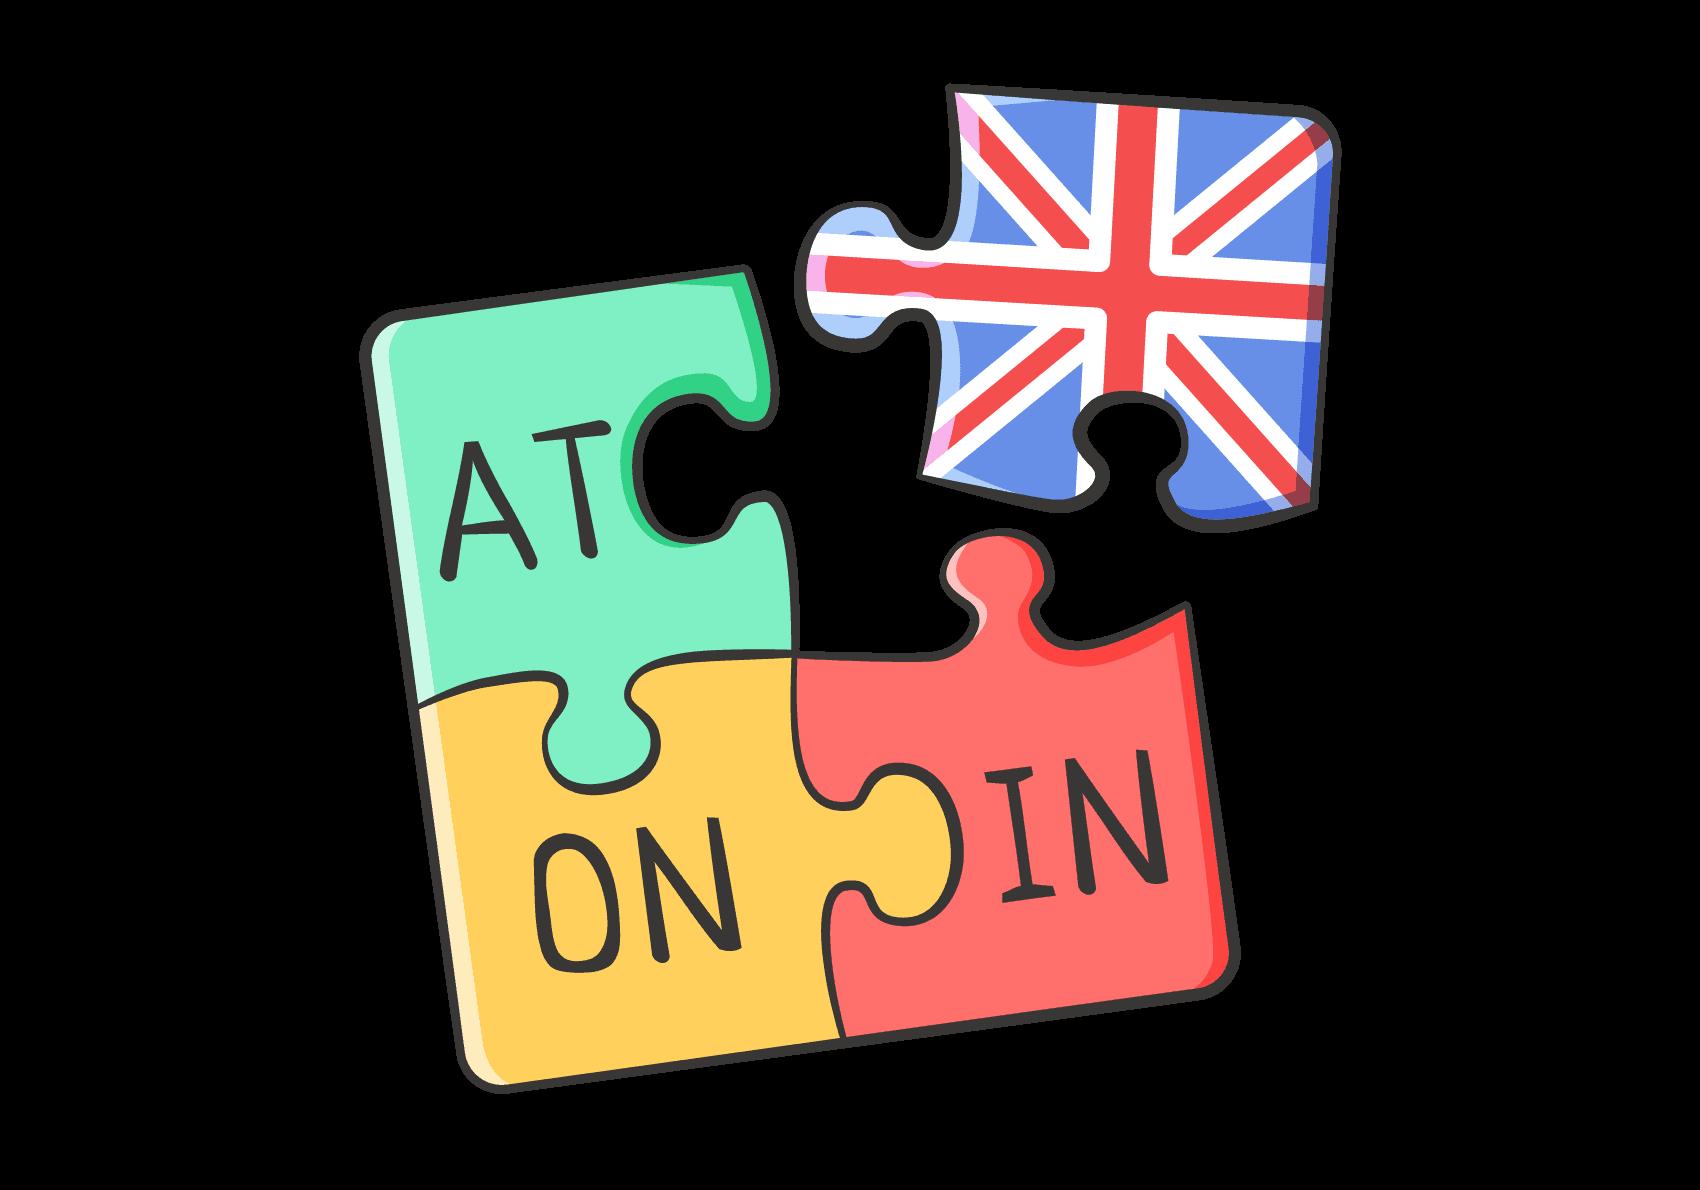 prepositions of time 1 - Напротив как будет на английском языке